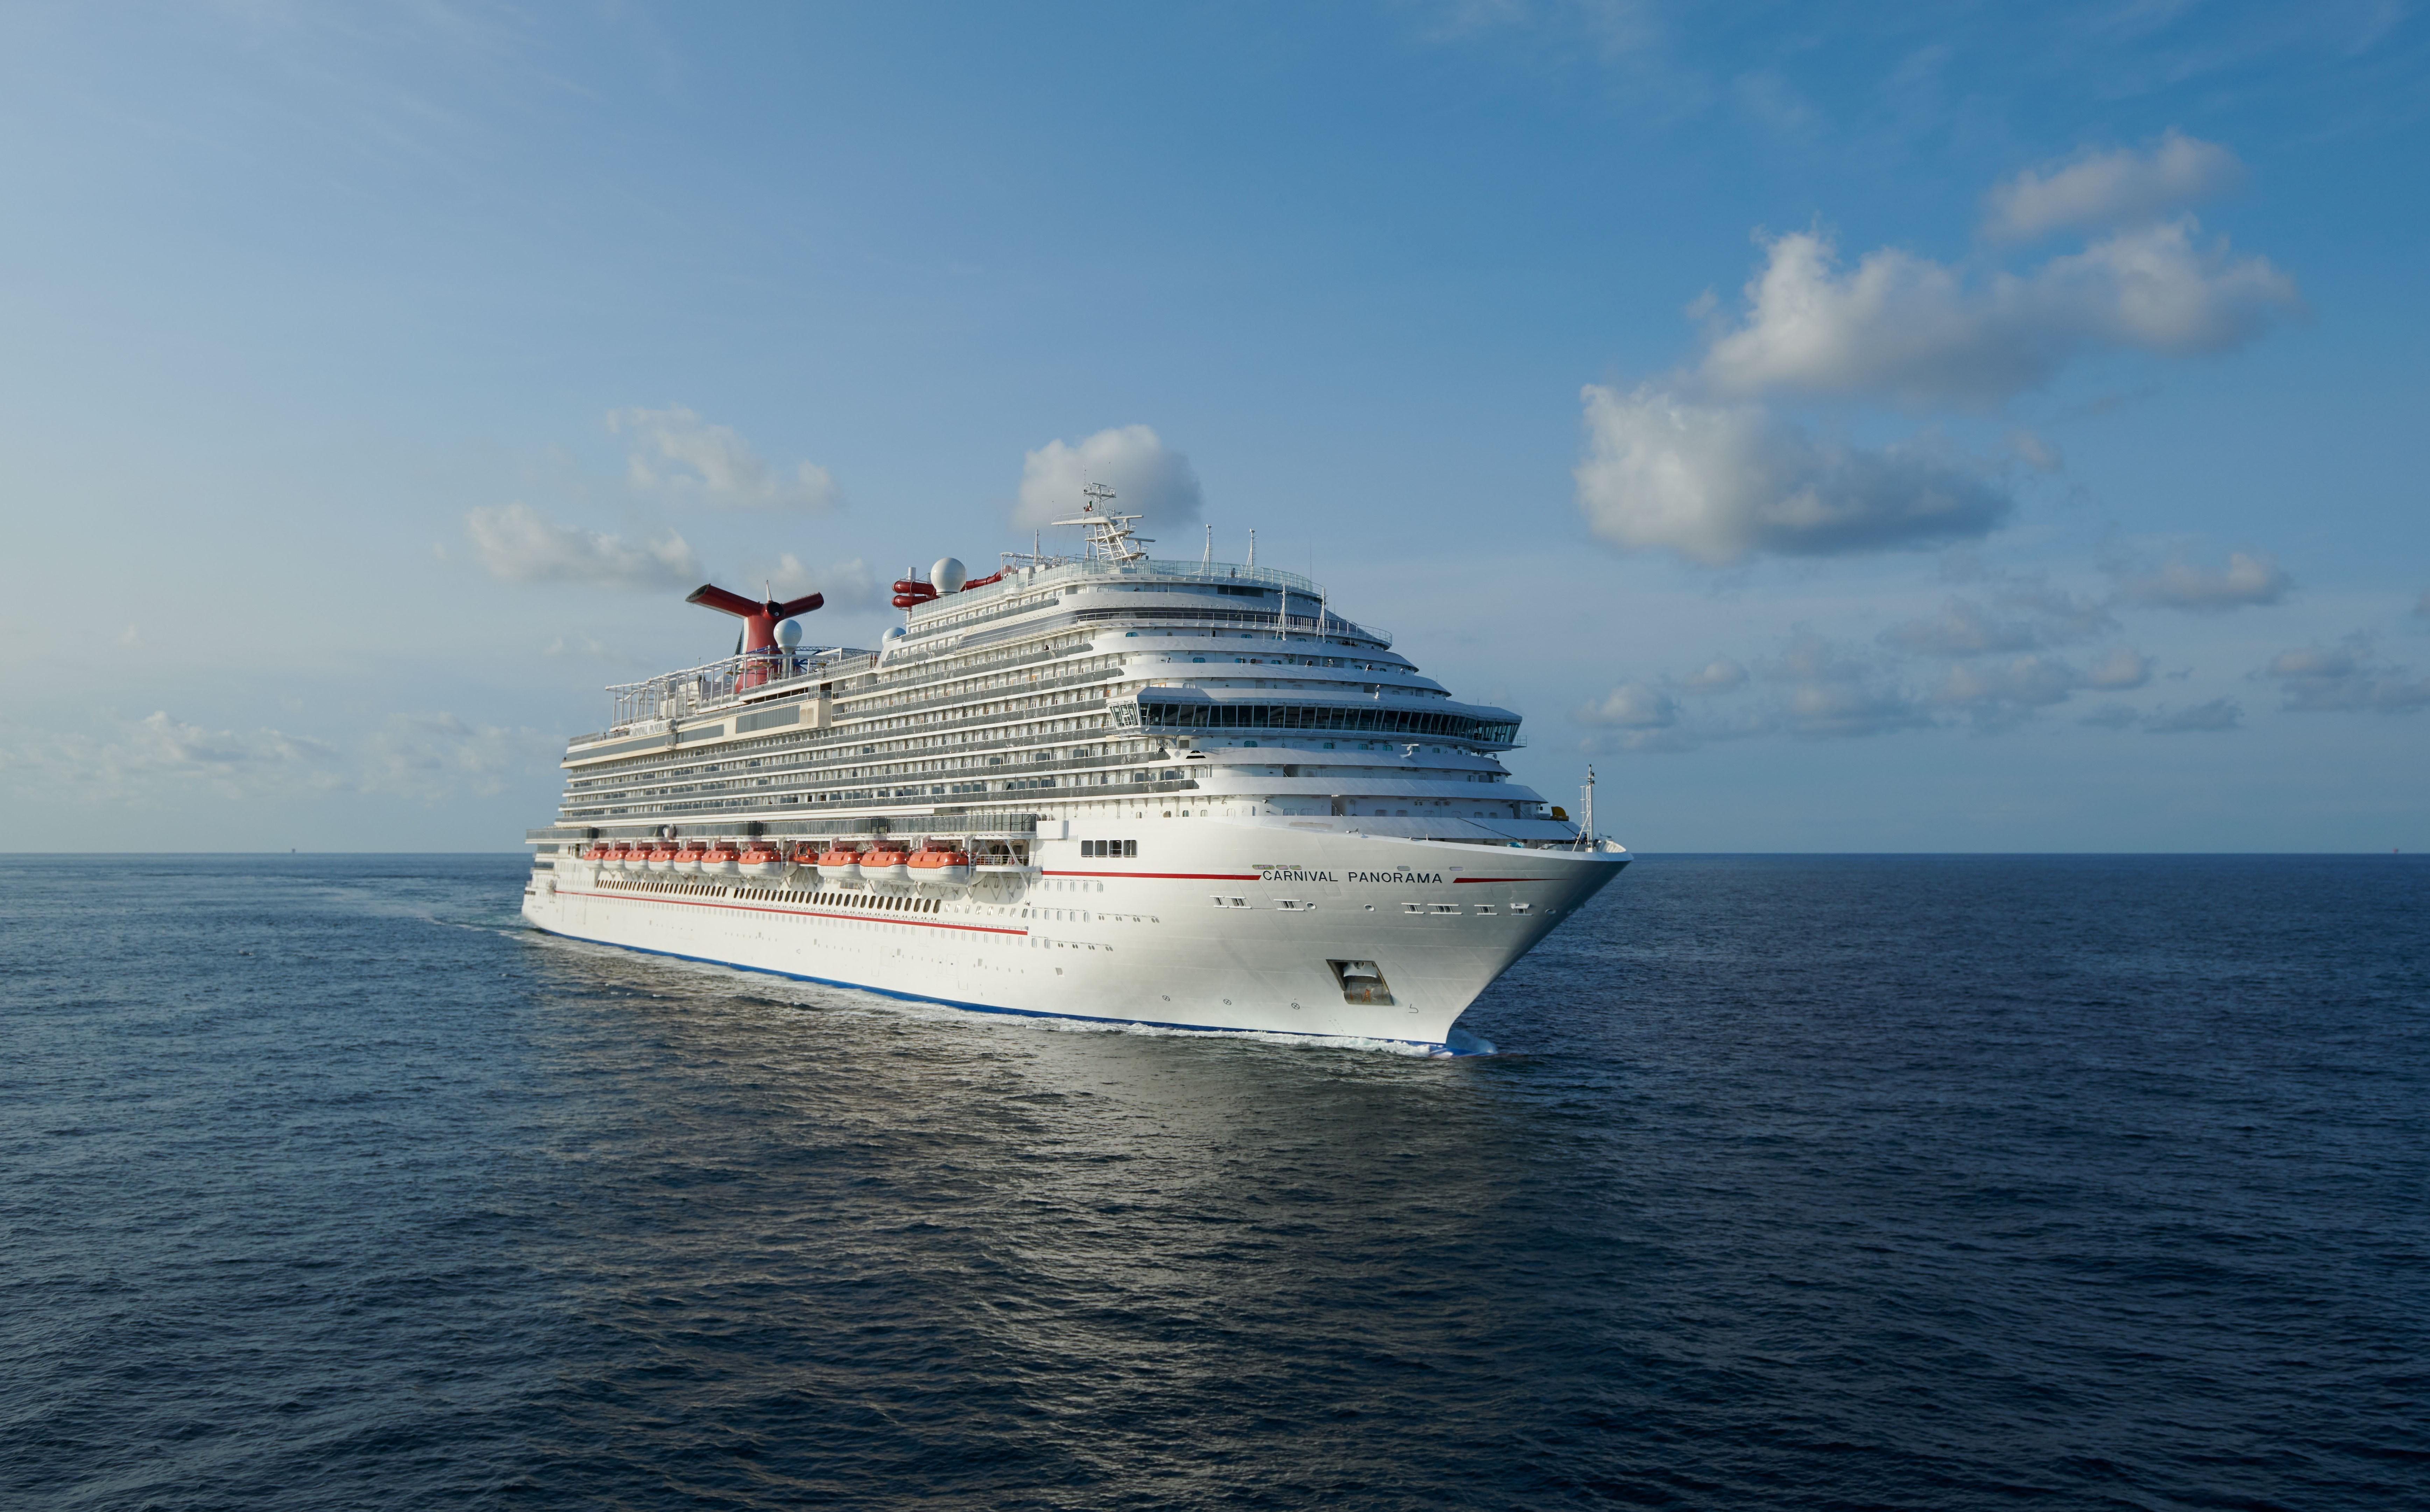 Mit der 3.960 Passagieren Platz bietenden Carnival Panorama hat das neueste Mitglied der Carnival-Flotte seine Hochsee-Testfahrten erfolgreich absolviert.